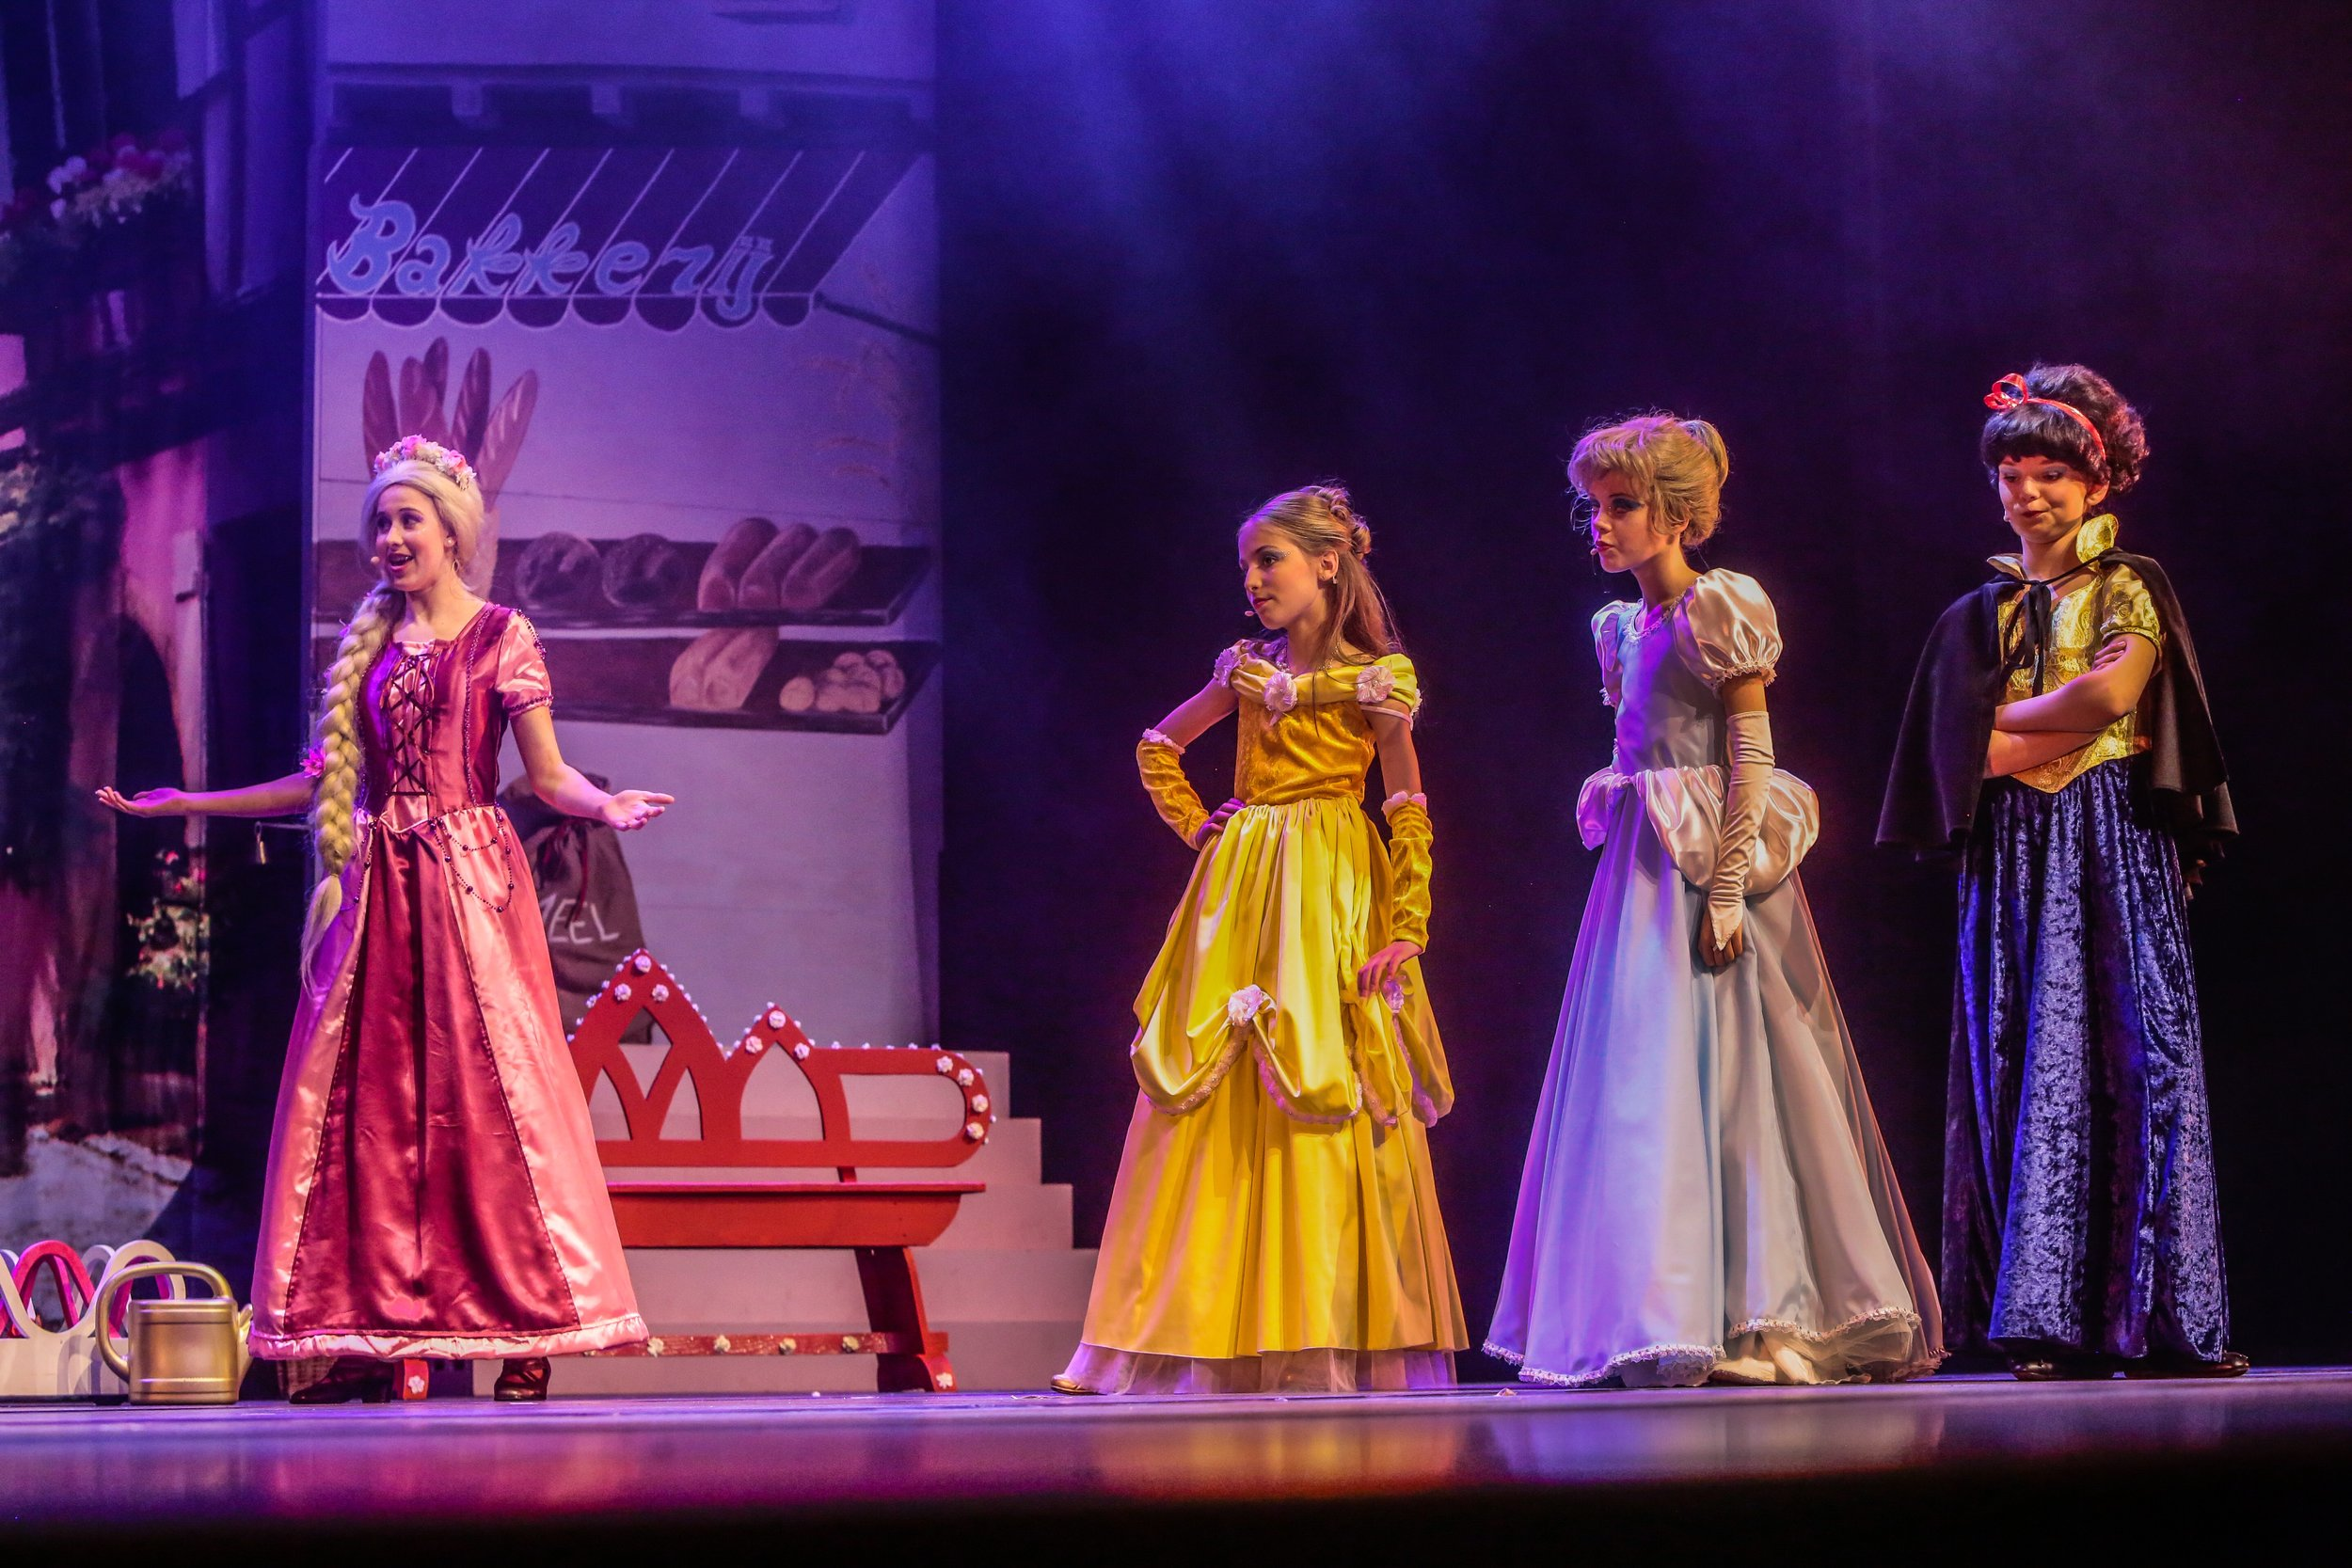 Boe!F-persfoto-11 Rapunzel, Belle, Assepoester en Sneeuwwitje.JPEG